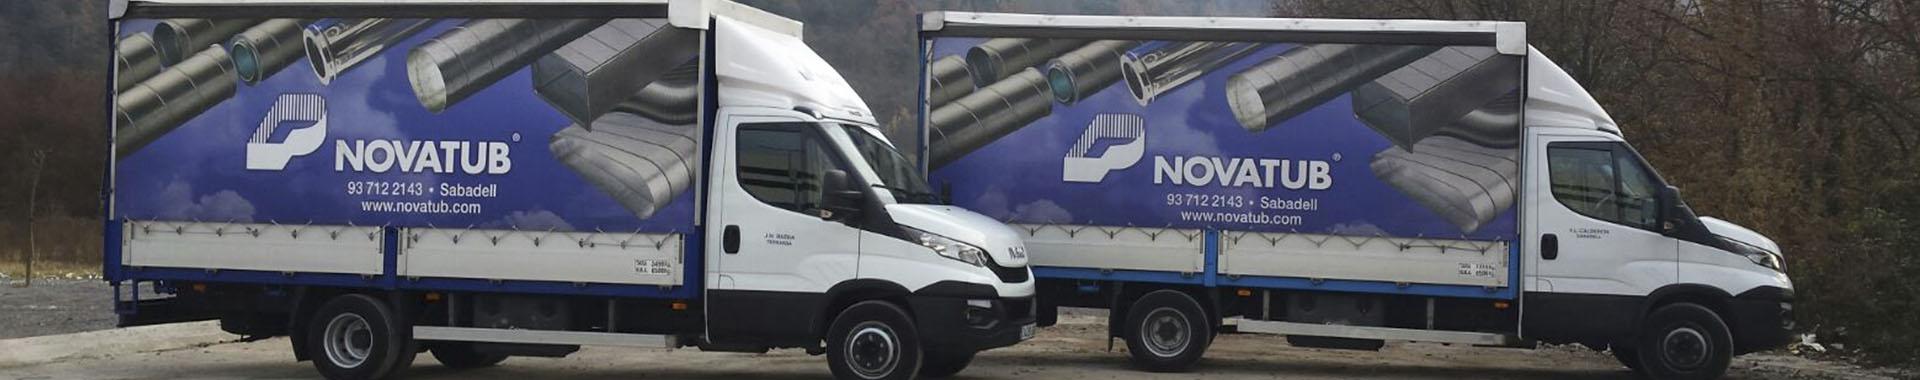 camiones novatub